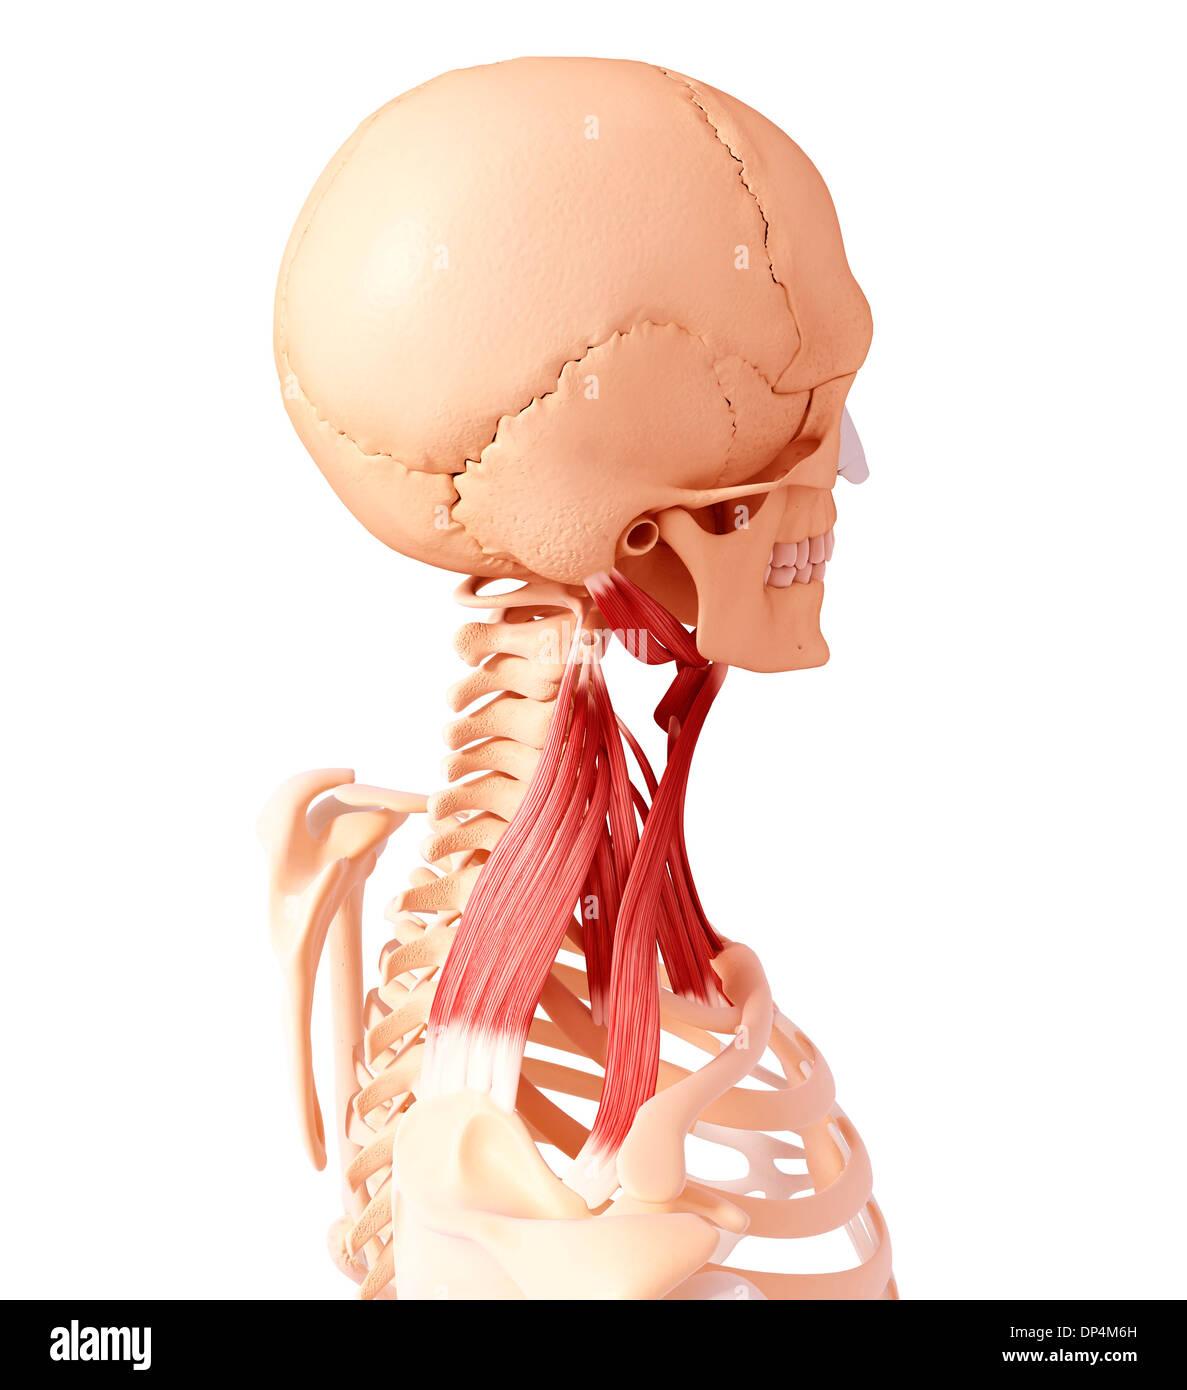 Großartig Anatomie Halsmuskeln Bilder - Anatomie Von Menschlichen ...